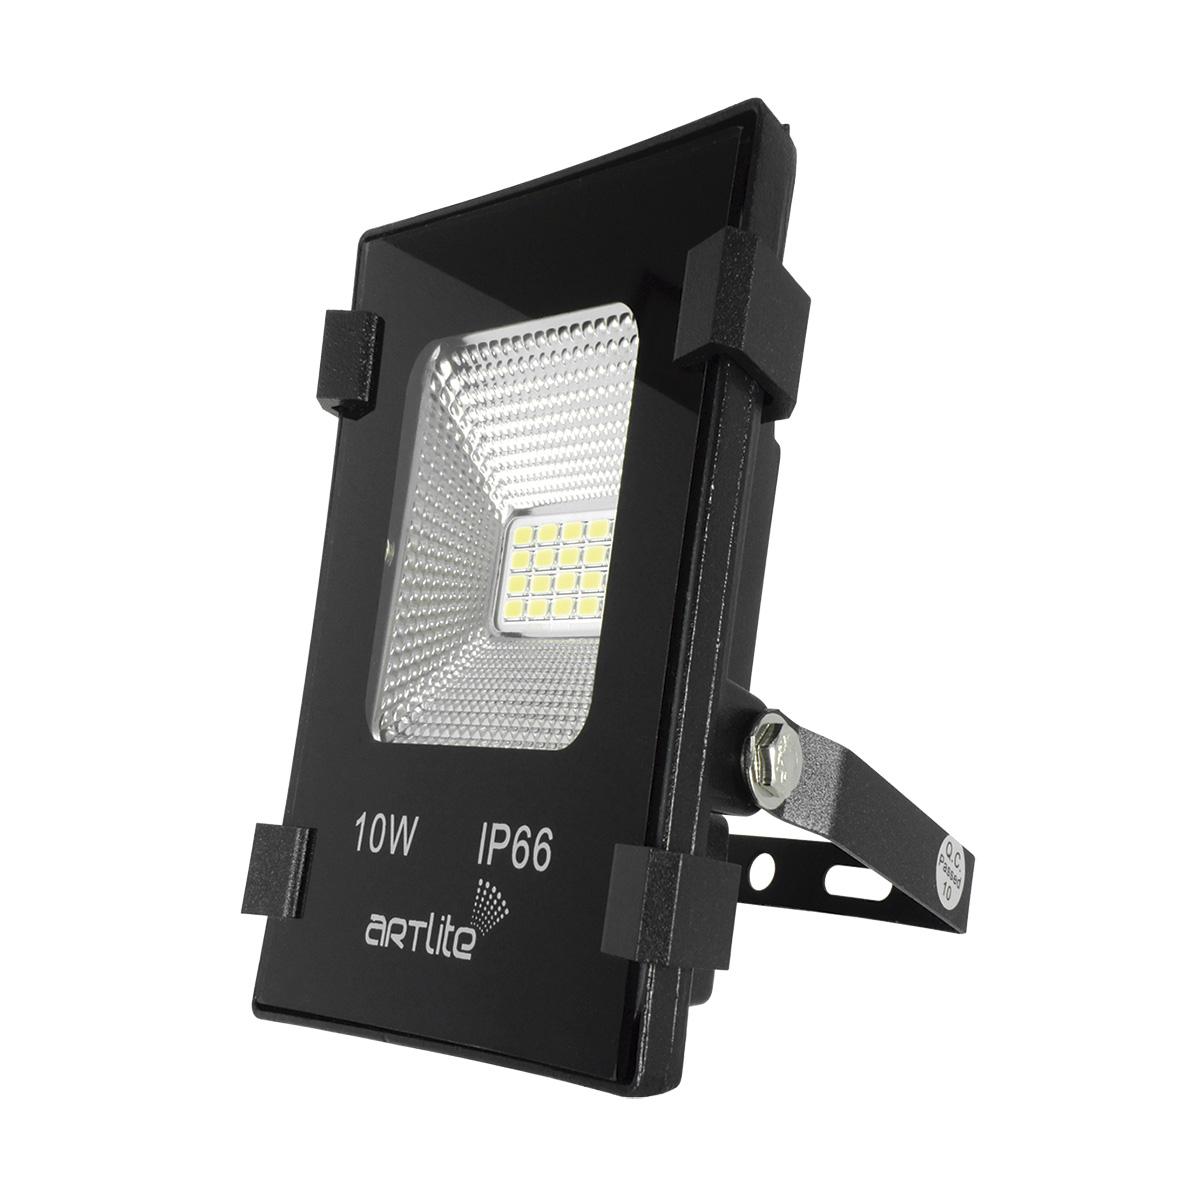 Reflector de advertencia redondo reflectante de alta visibilidad de 2,16 pulgadas apto para coches y motocicletas resistente a la intemperie Aeey